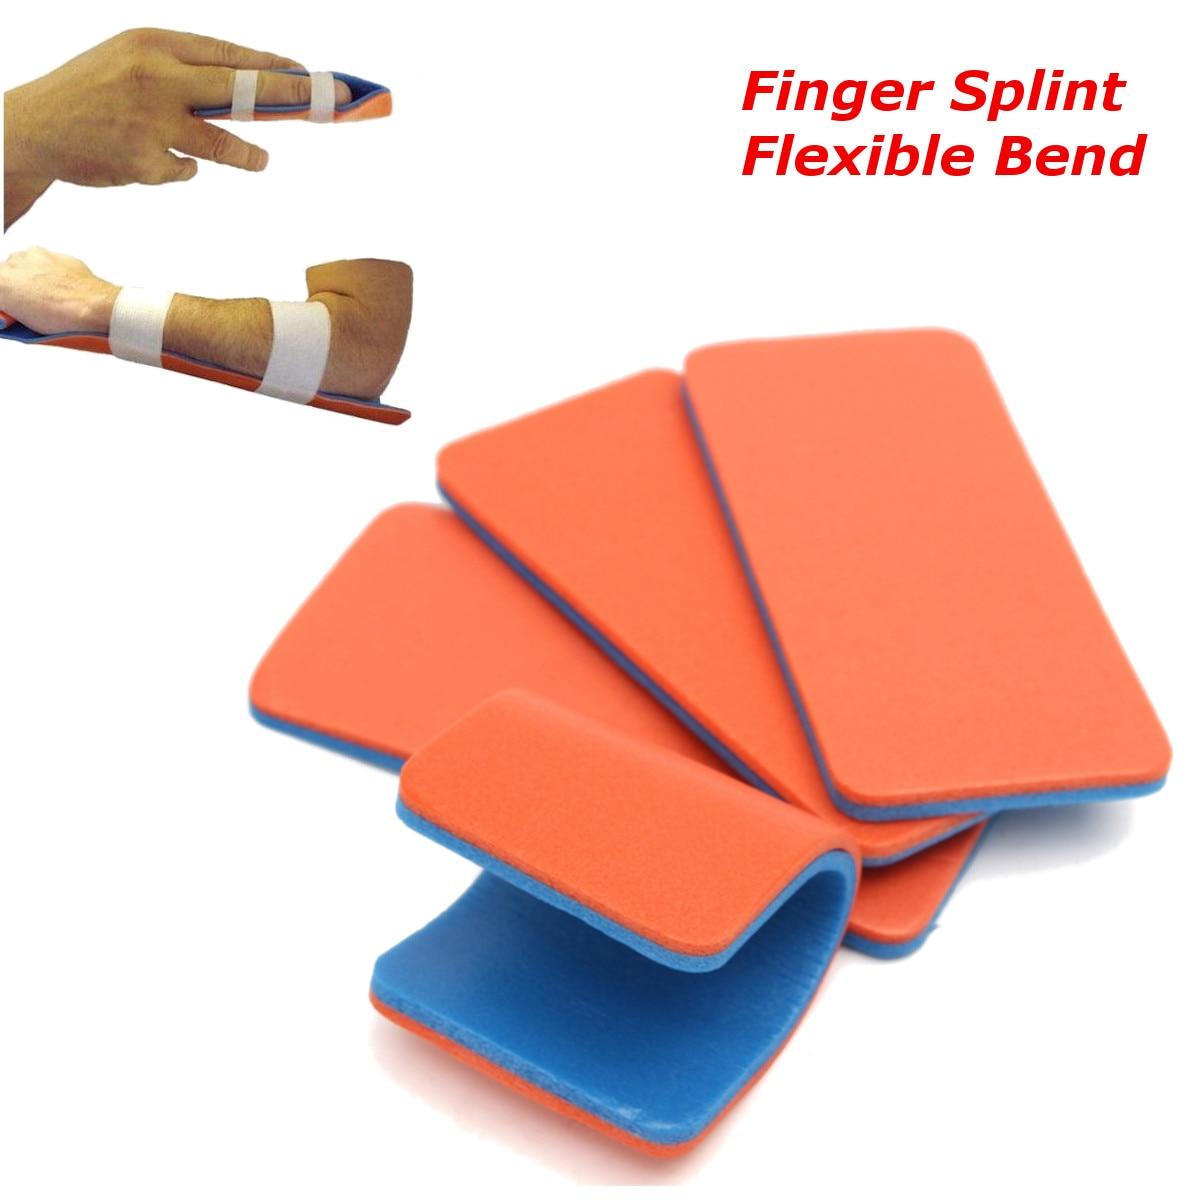 lot Finger splint Aluminum Medical Polymer Sam orthopaedics emergency 4pcs